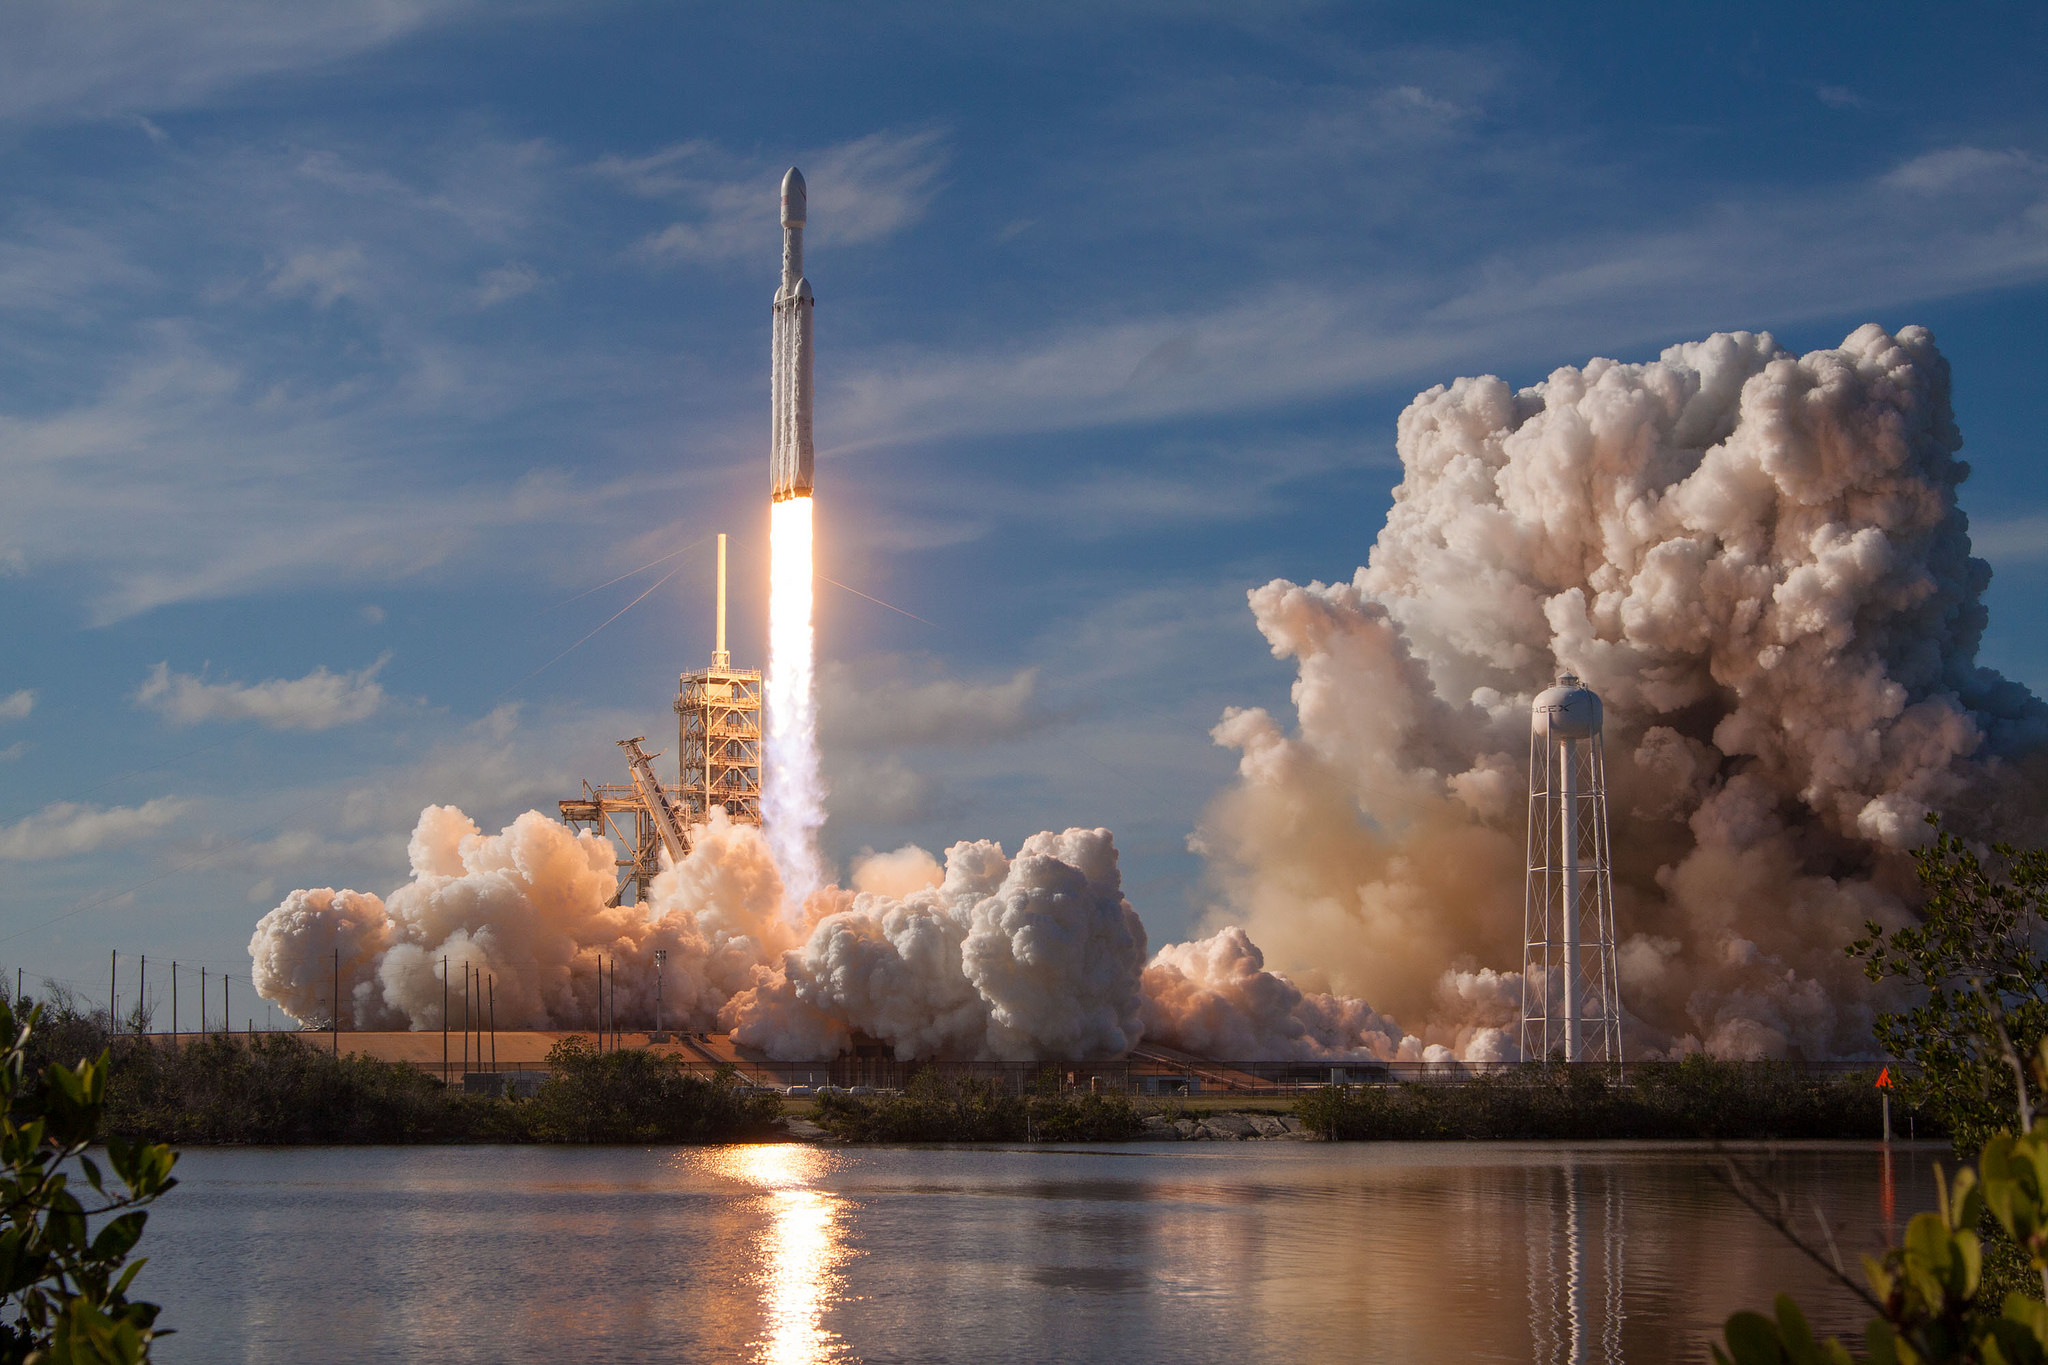 Центральный ускоритель Falcon Heavy разбился и повредил платформу, траектория полета Tesla сильно отклонилась от орбиты Марса